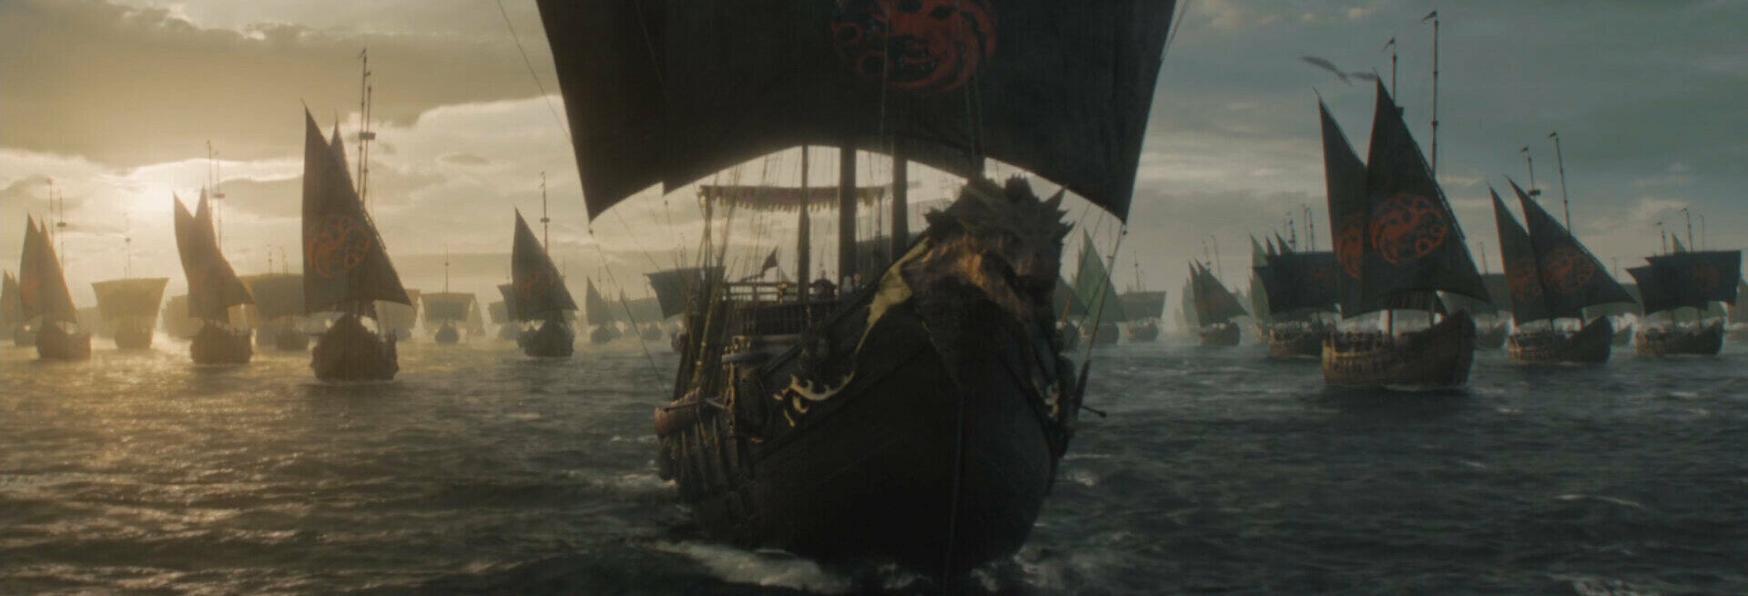 Il nuovo Spin-off di Game of Thrones 10.000 Ships parlerà della Principessa Nymeria